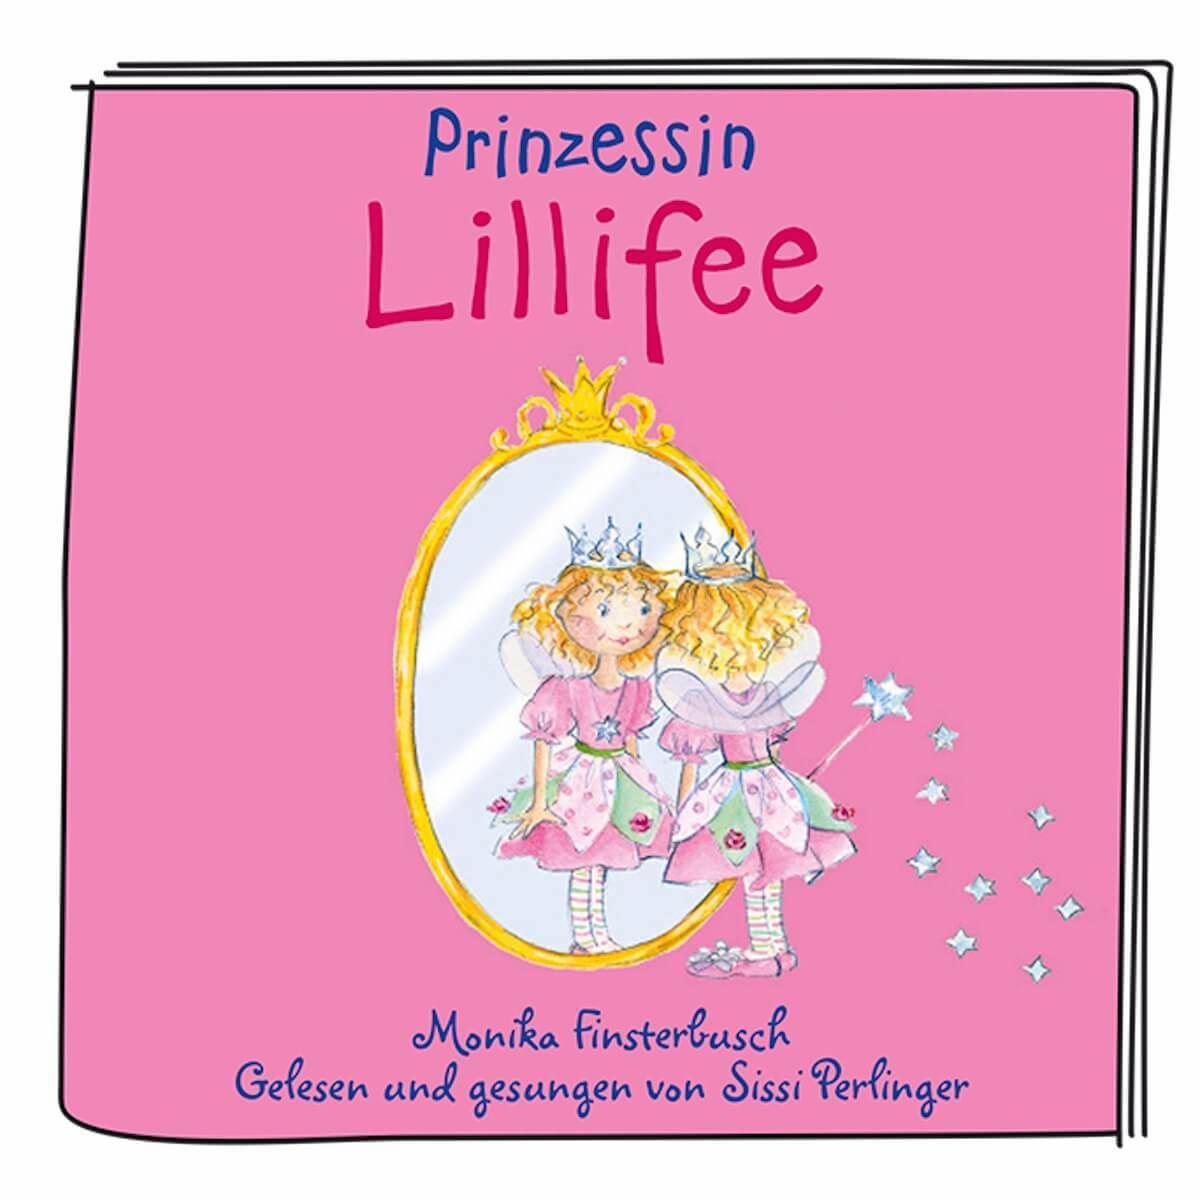 Prinzessin Lillifee Gfx Verschiedene Stile von